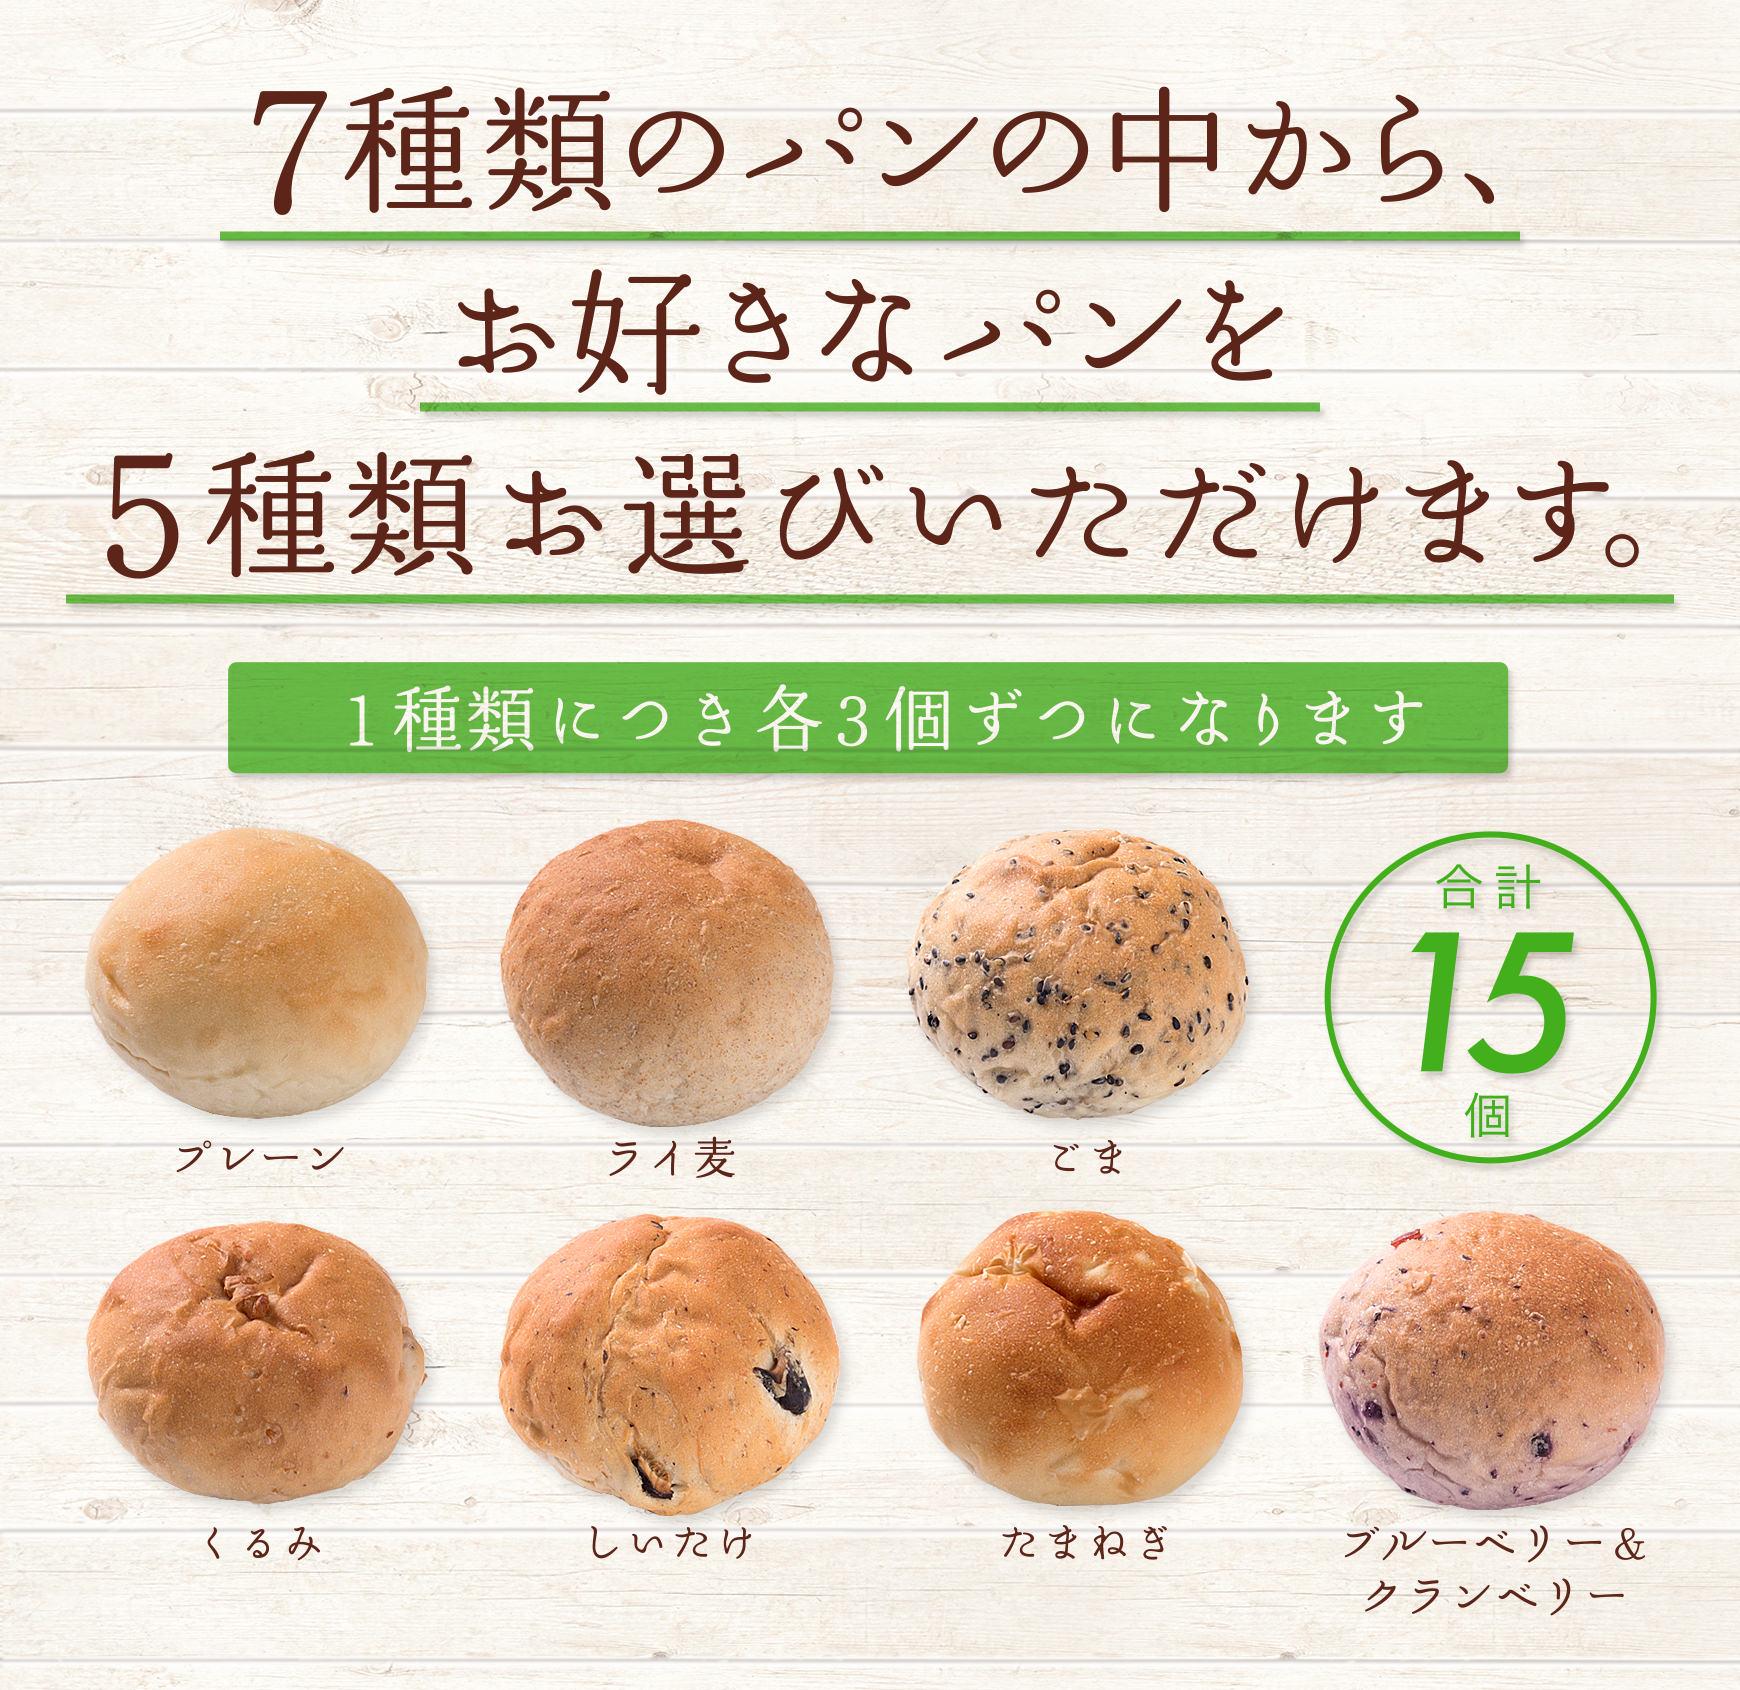 7種類のパンの中から、お好きなパンを5種類お選びいただけます。